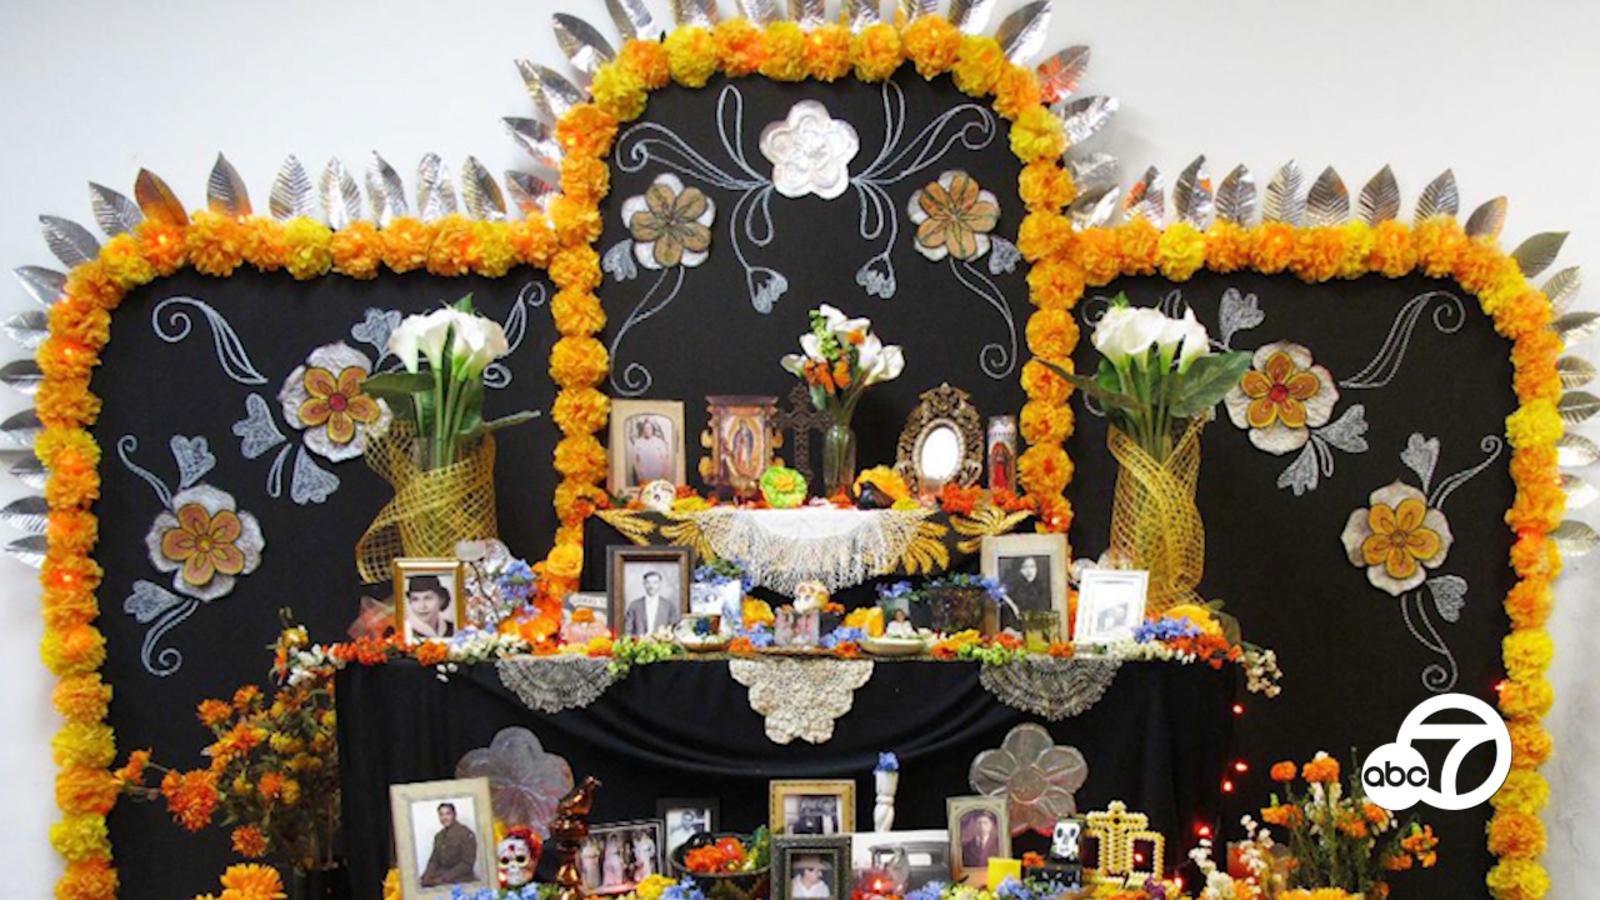 Día De Los Muertos altar: Significance behind key component explained